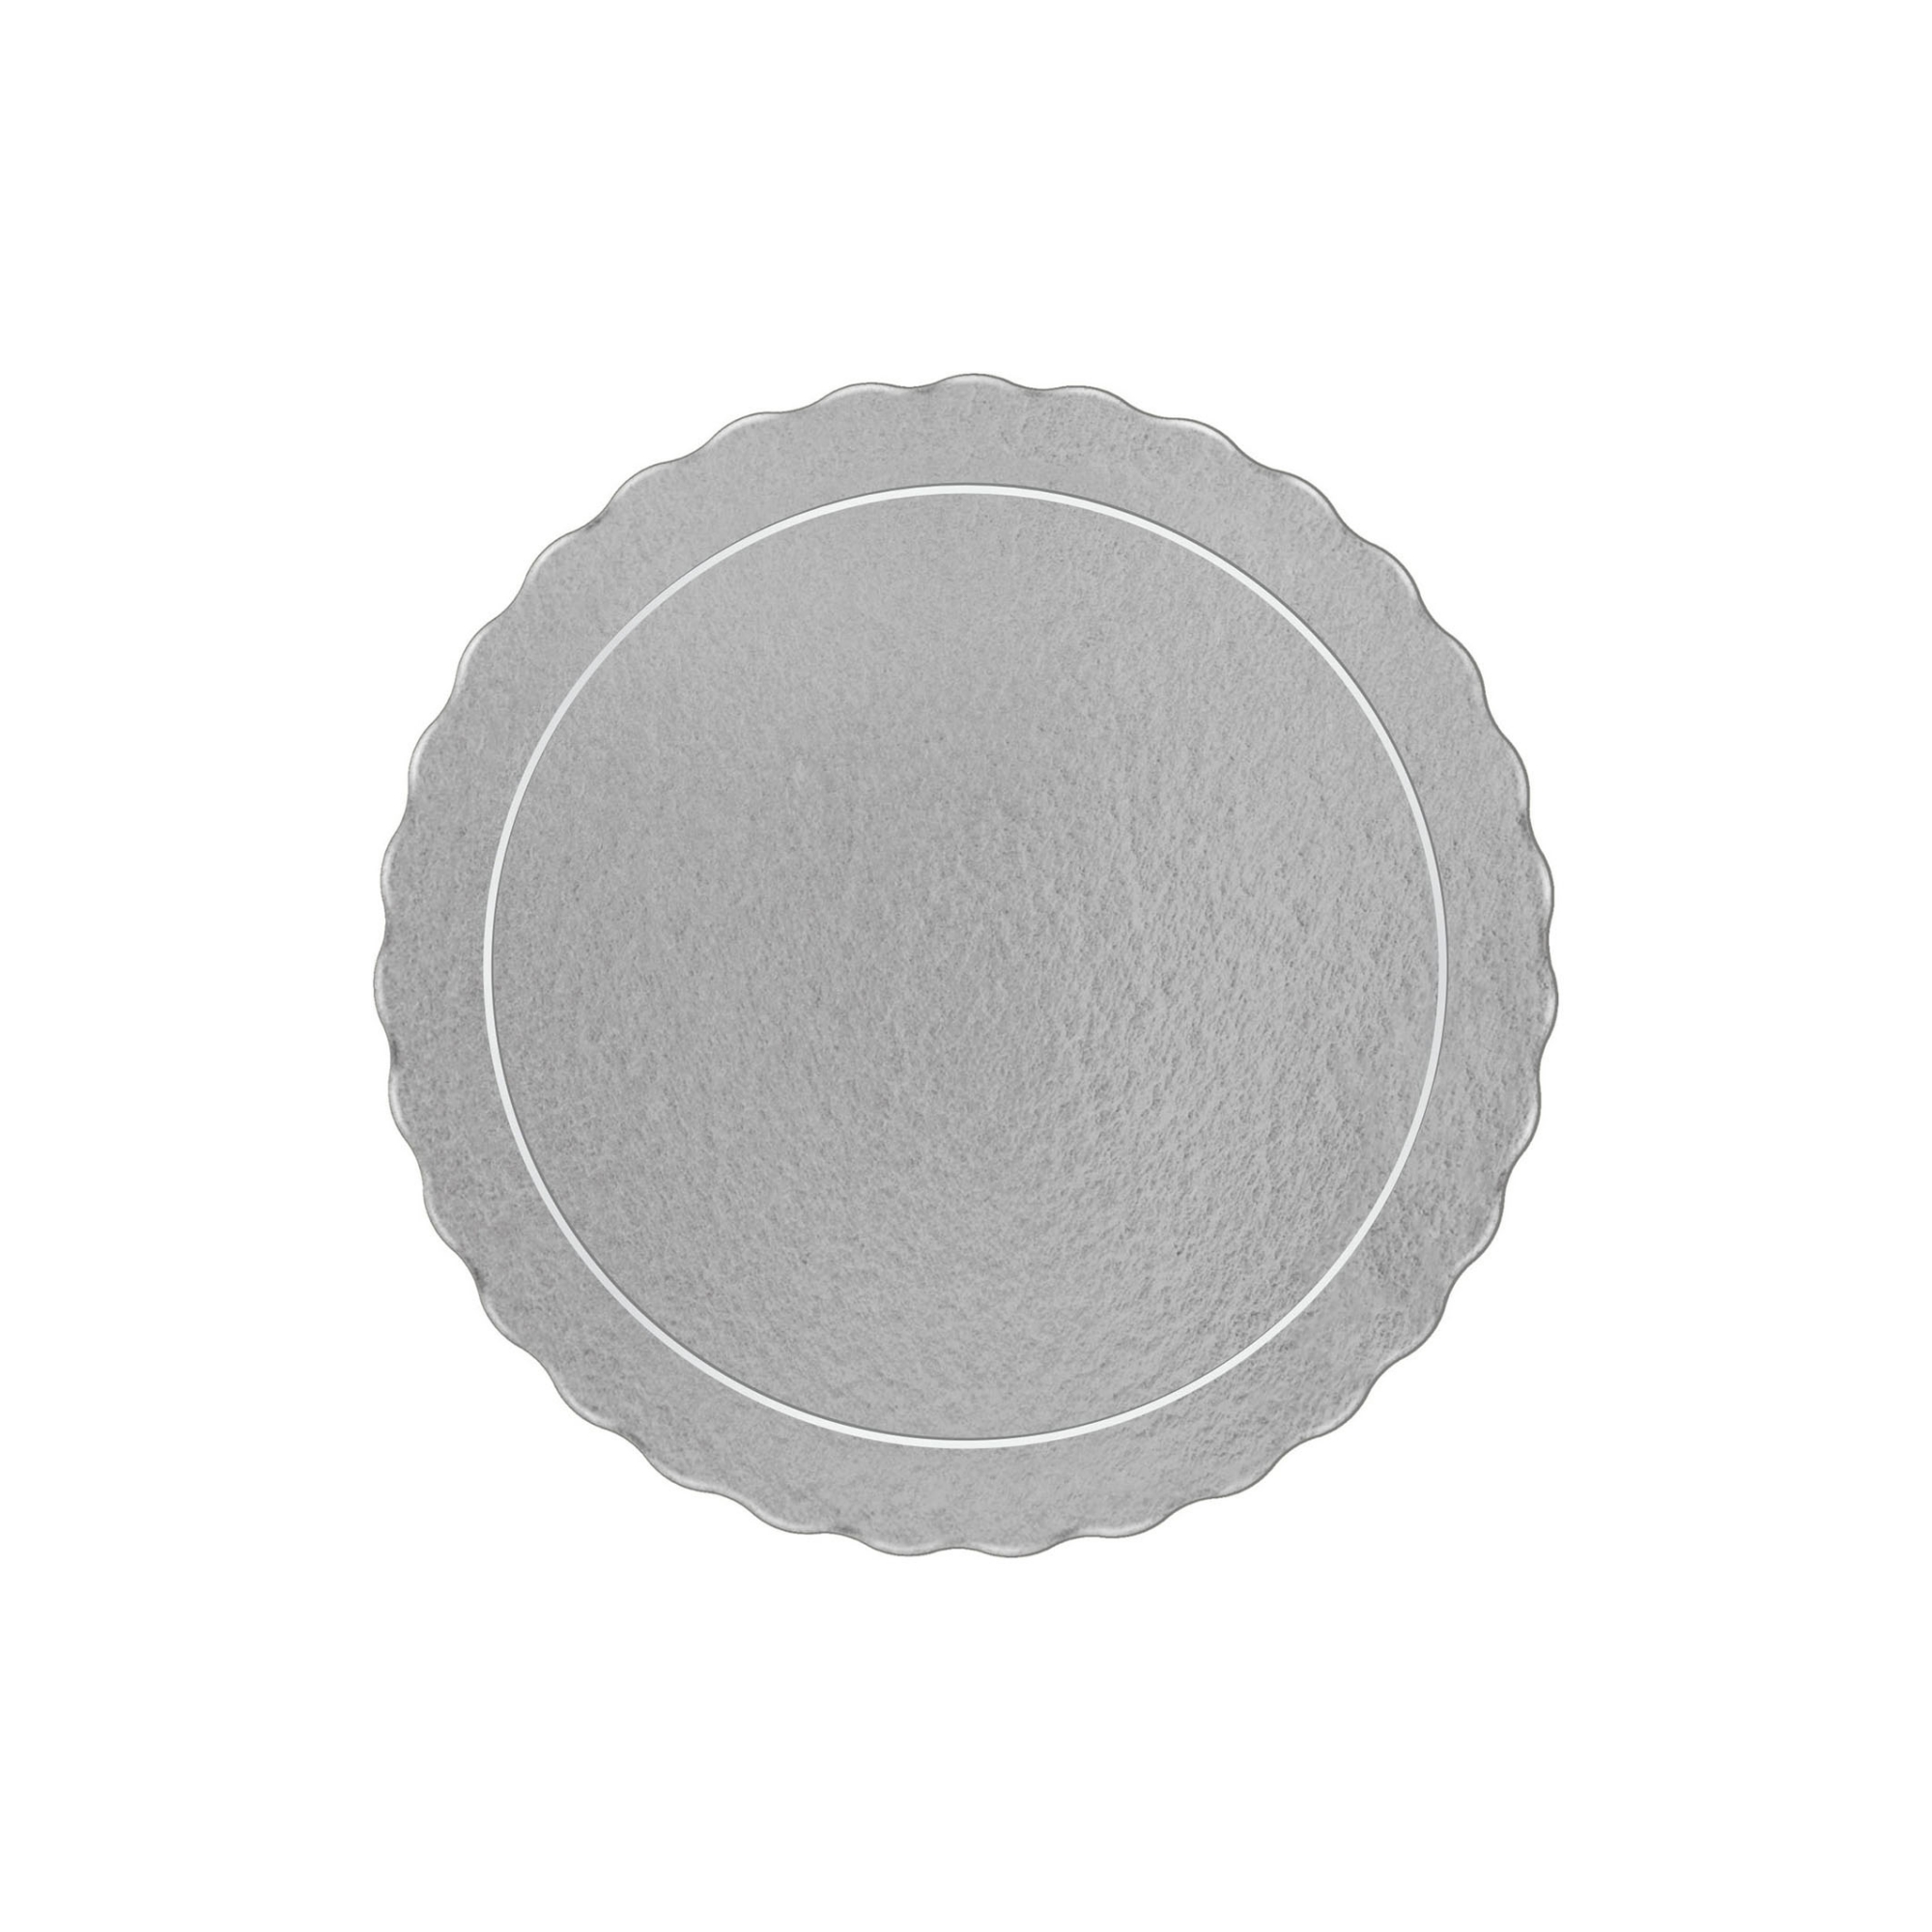 20 Bases Laminadas Para Bolo Redondo, Cake Board 35 cm - Prata